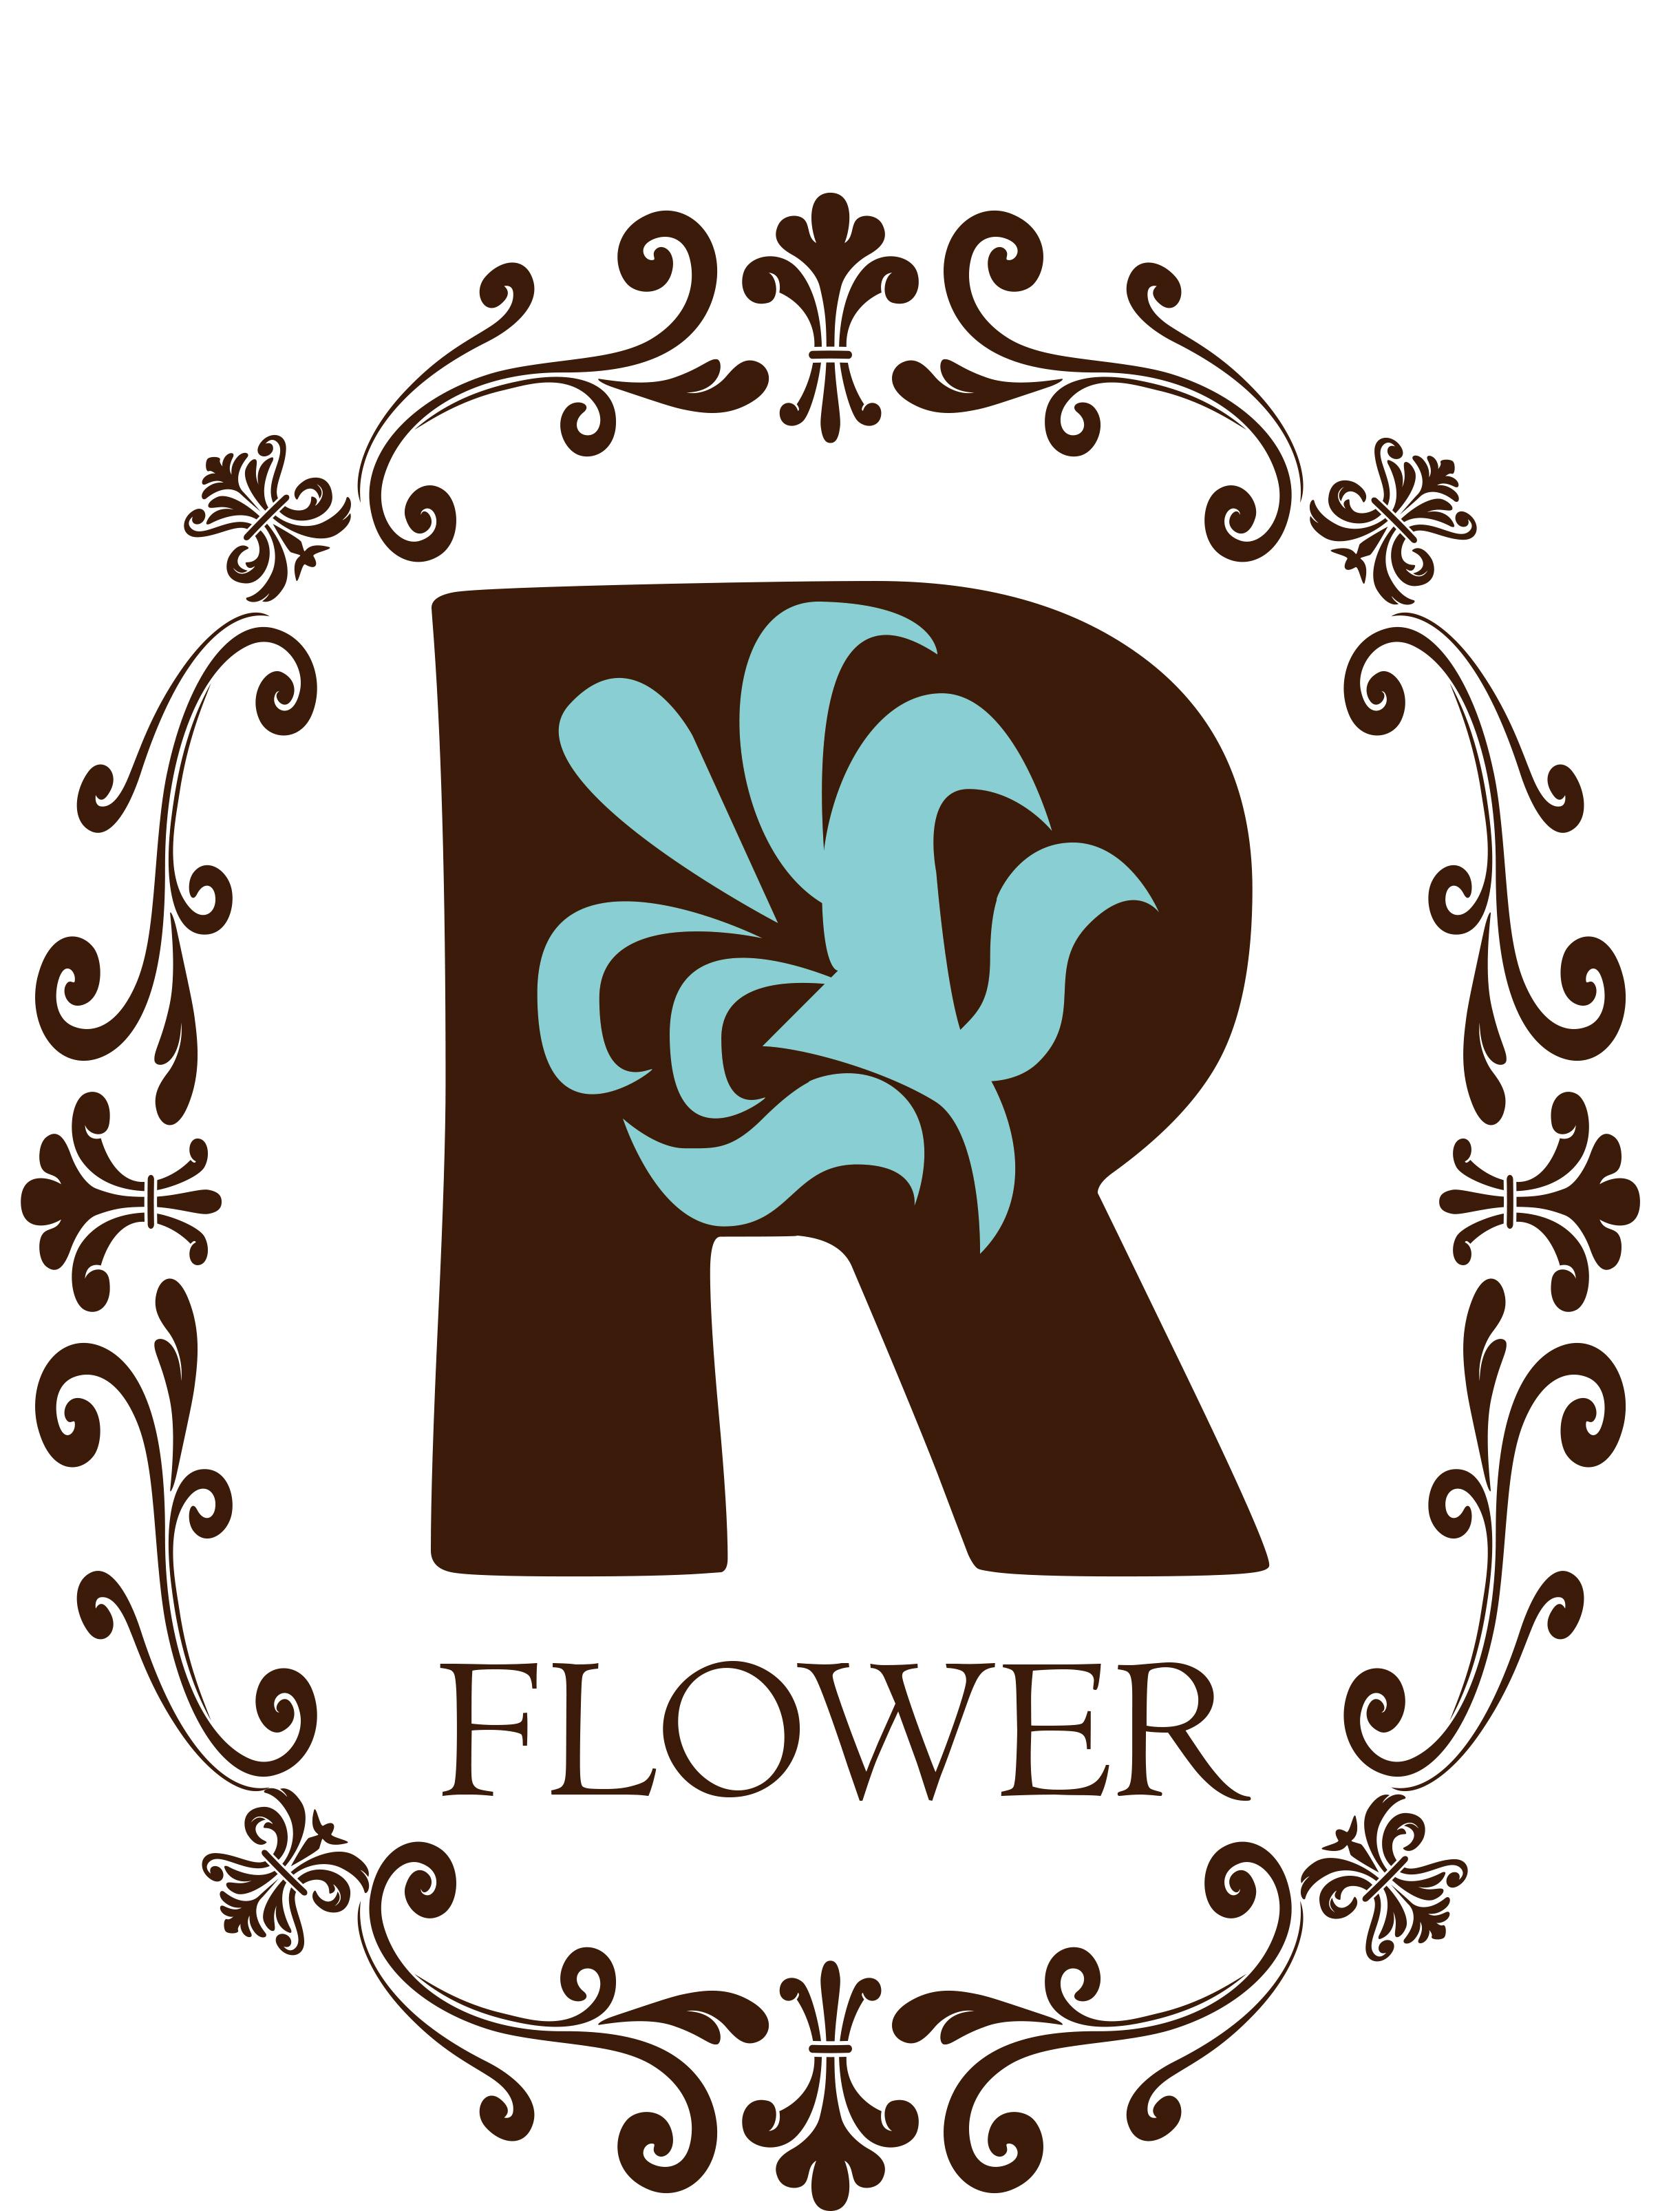 R-FLOWER